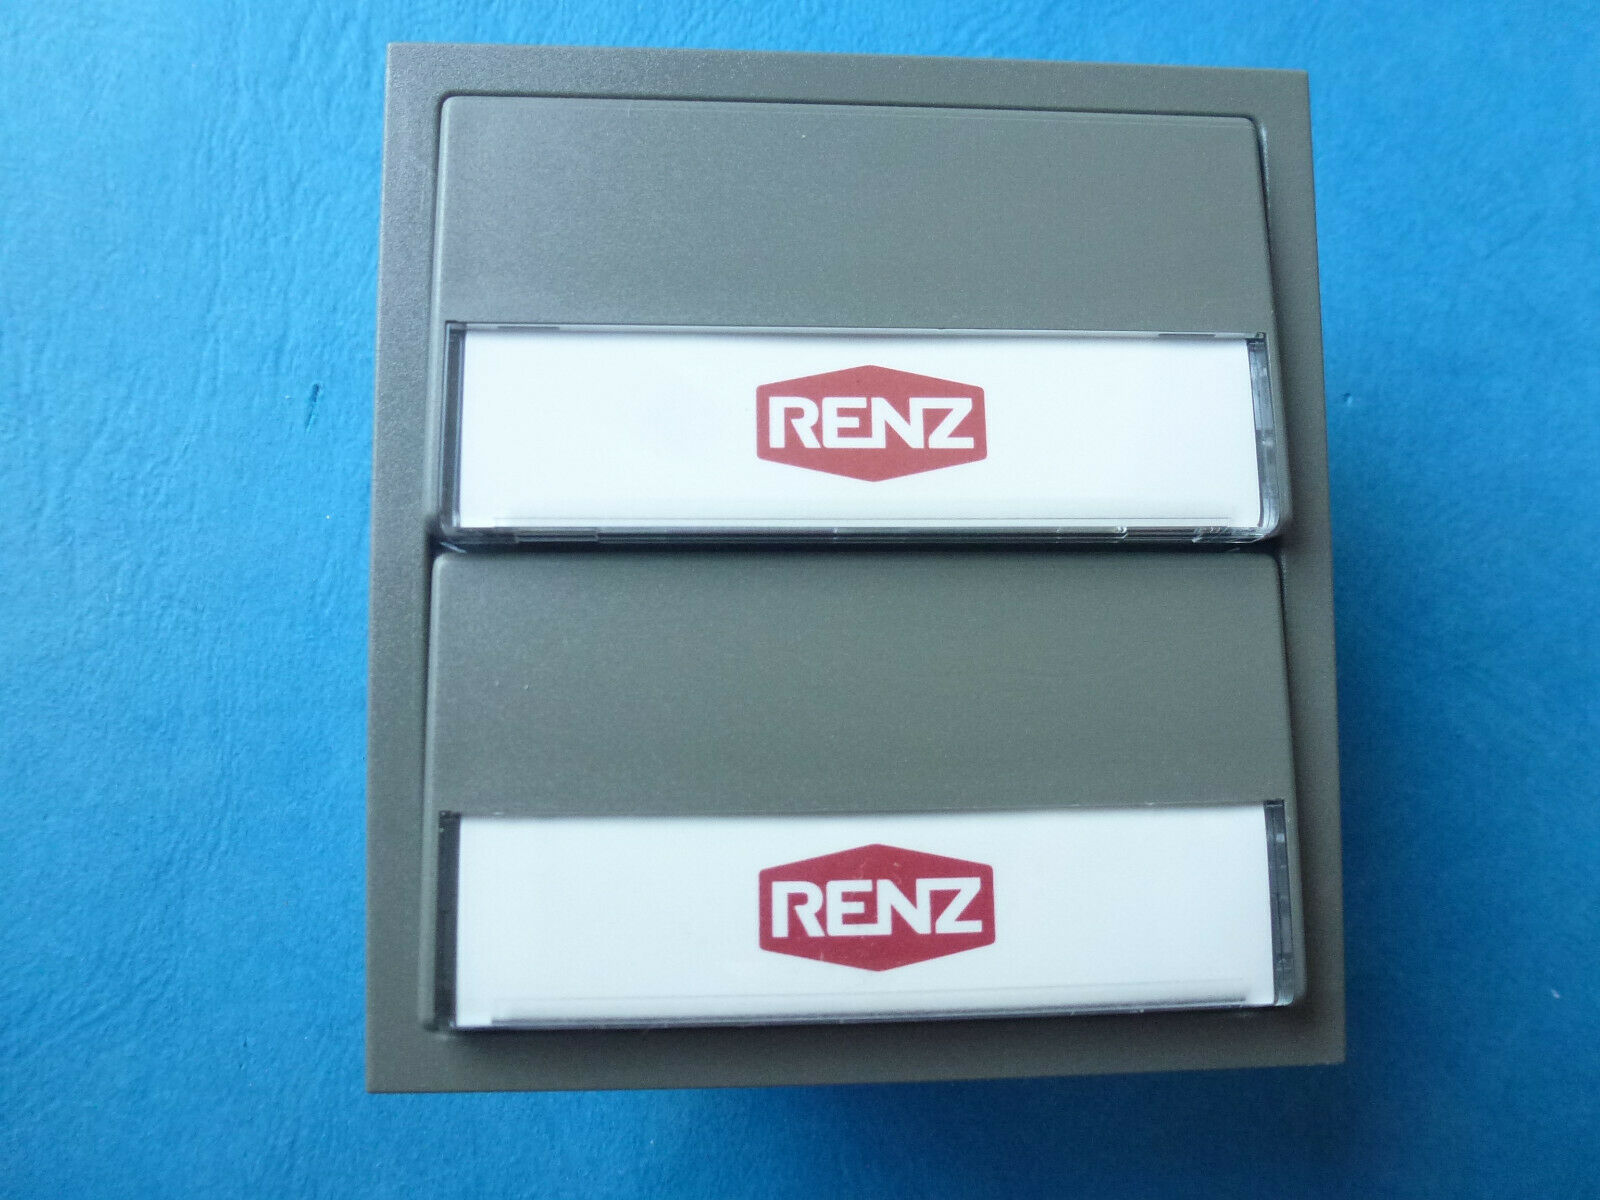 Renz Tastenmodul grau 7039g 97-9-85270 für 2 Mietparteien